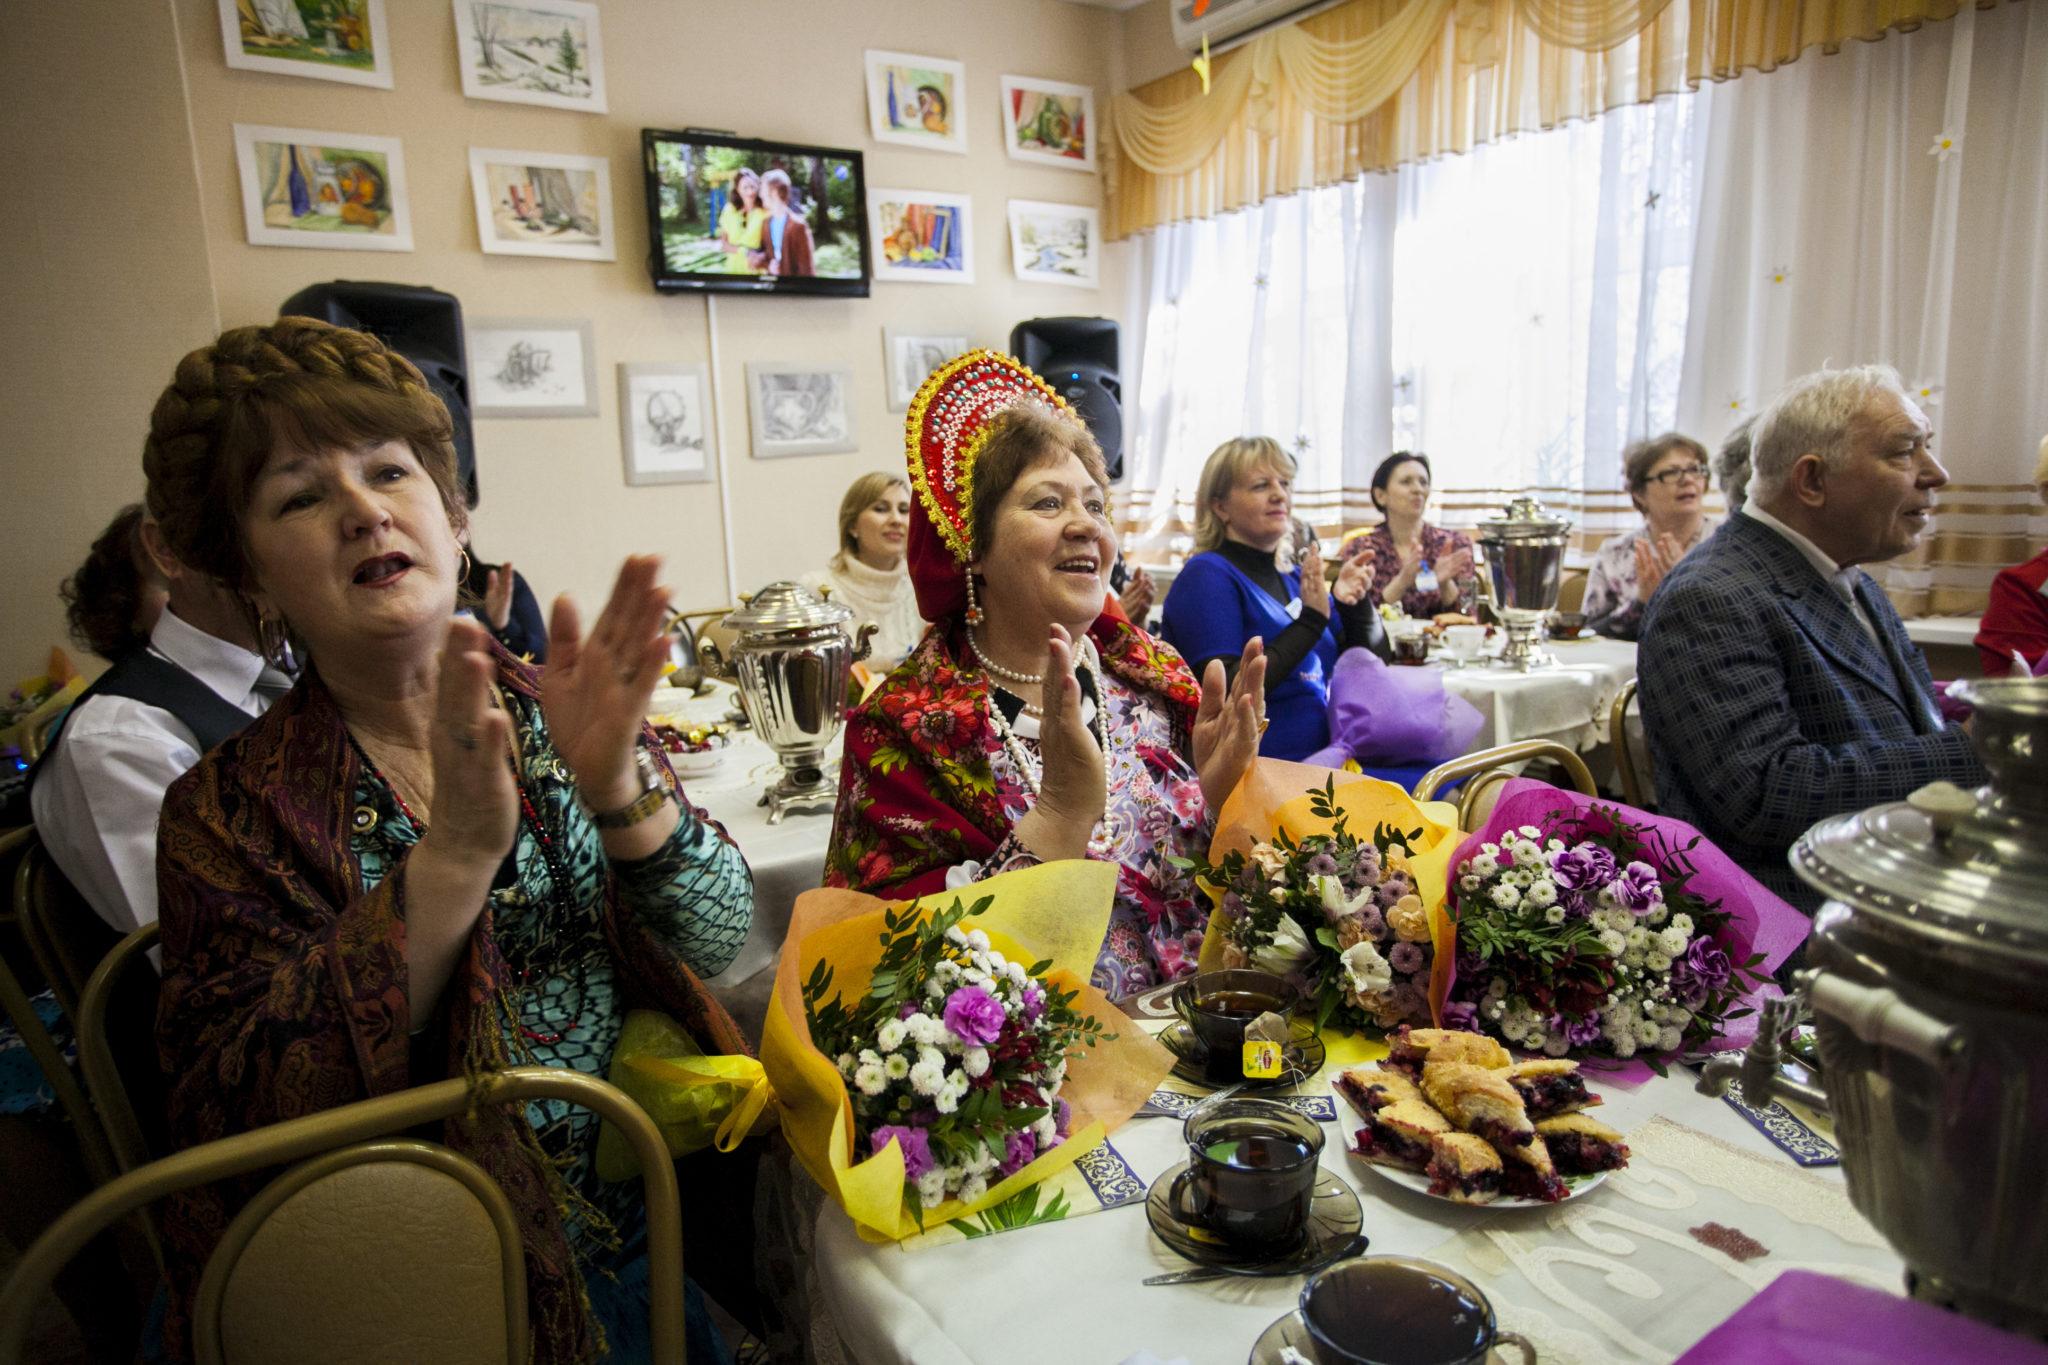 Конкурсы На Знакомство За Столом Для Пенсионеров